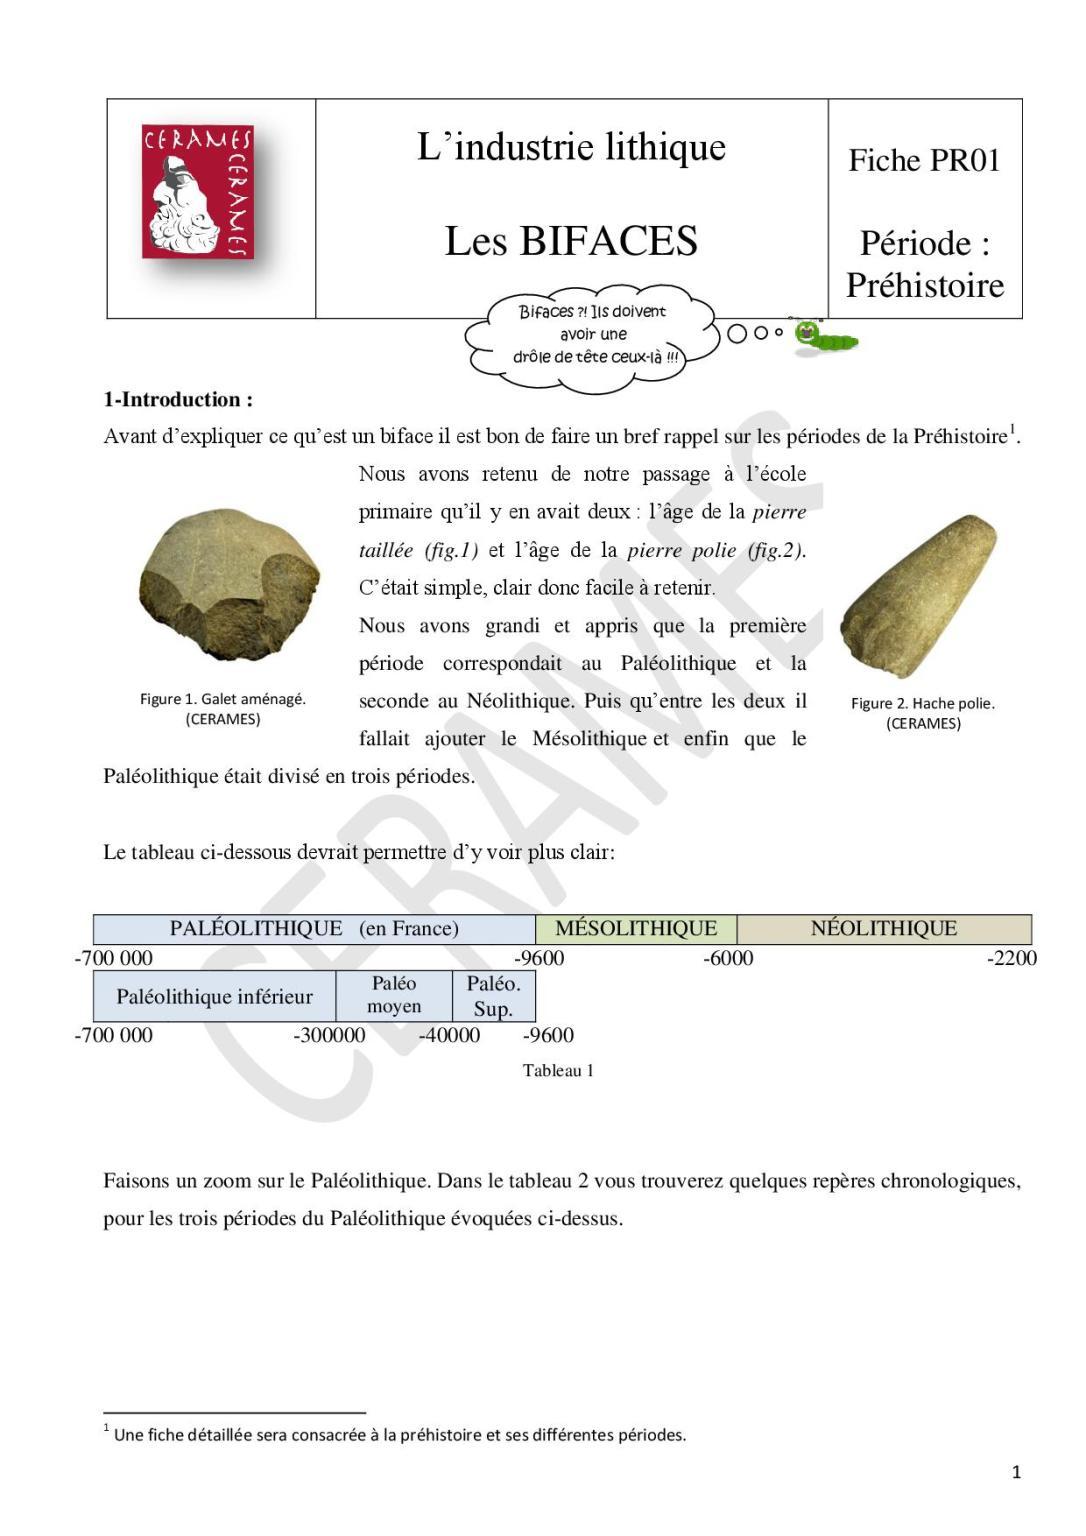 Le biface1